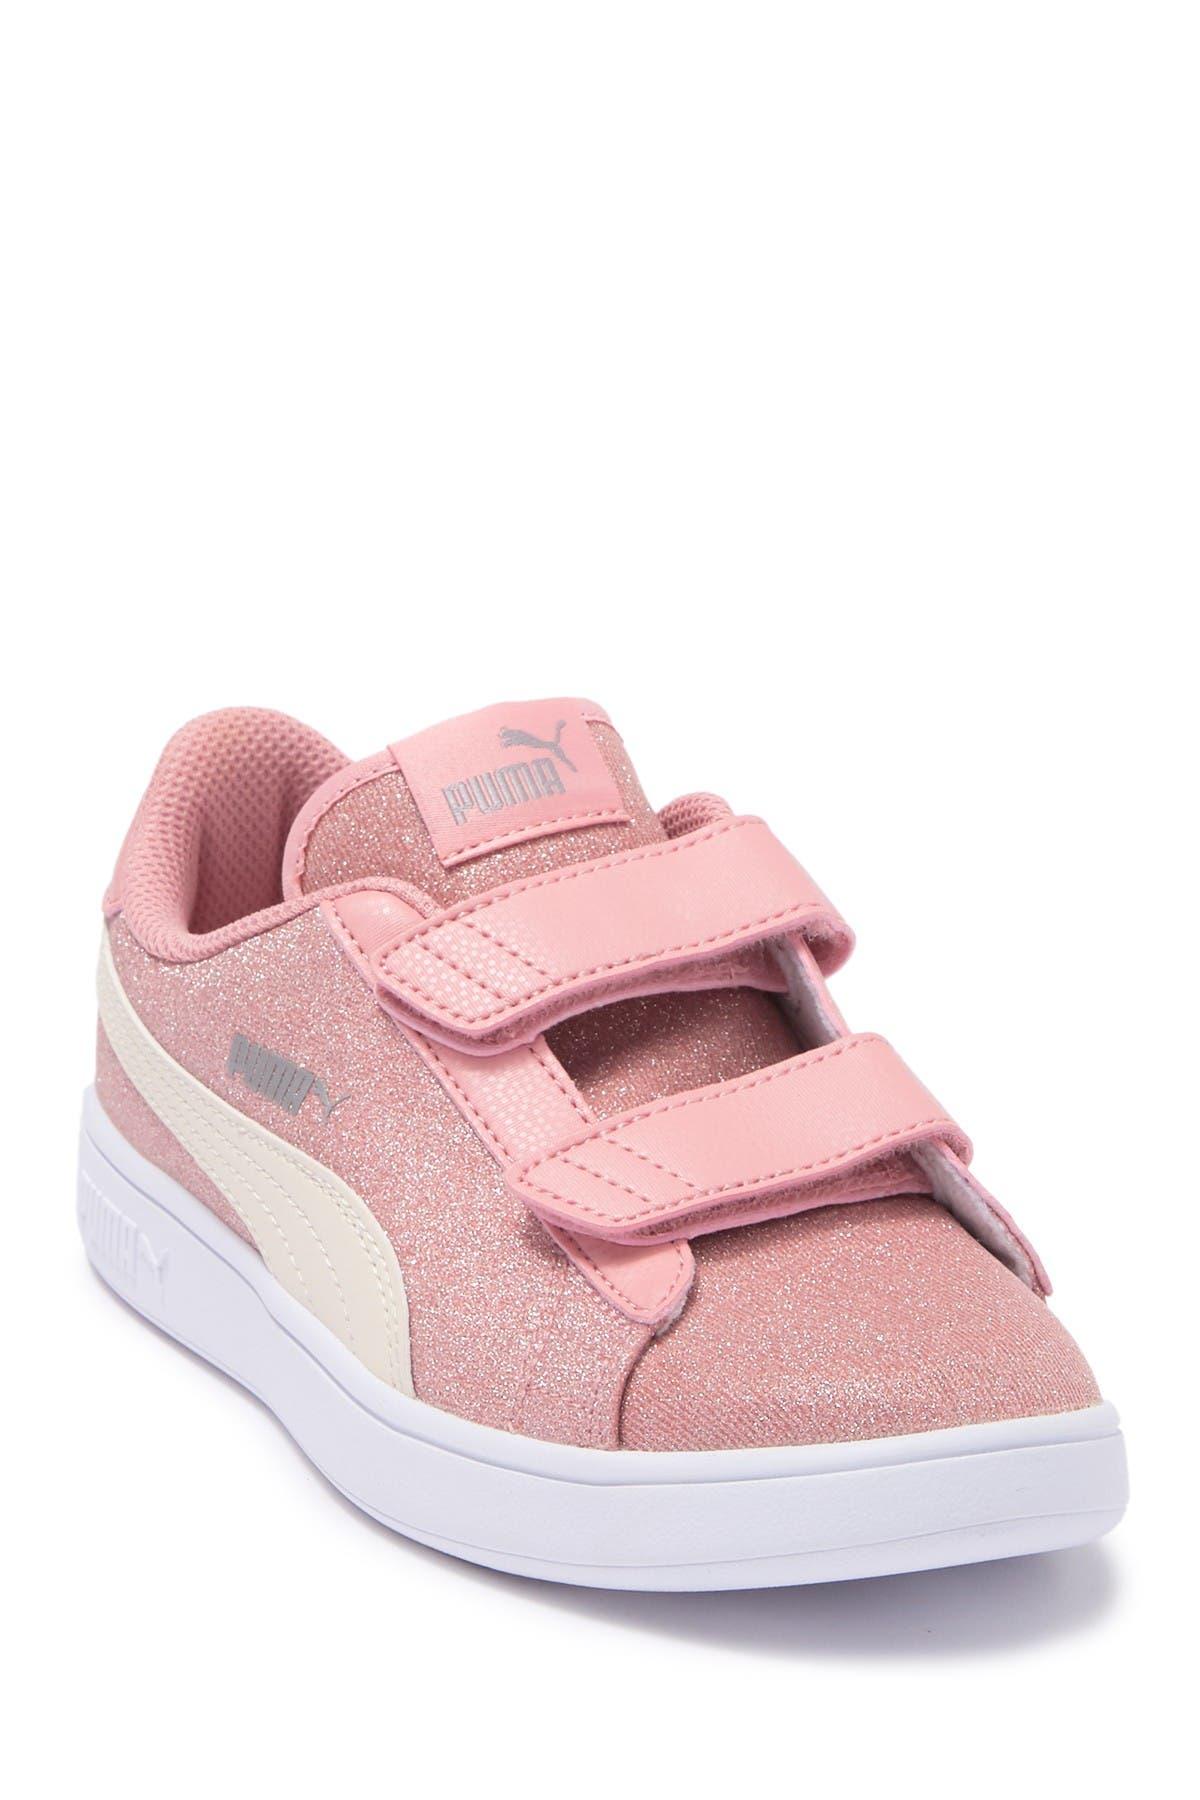 PUMA | Smash V2 Glitz Glam Sneaker